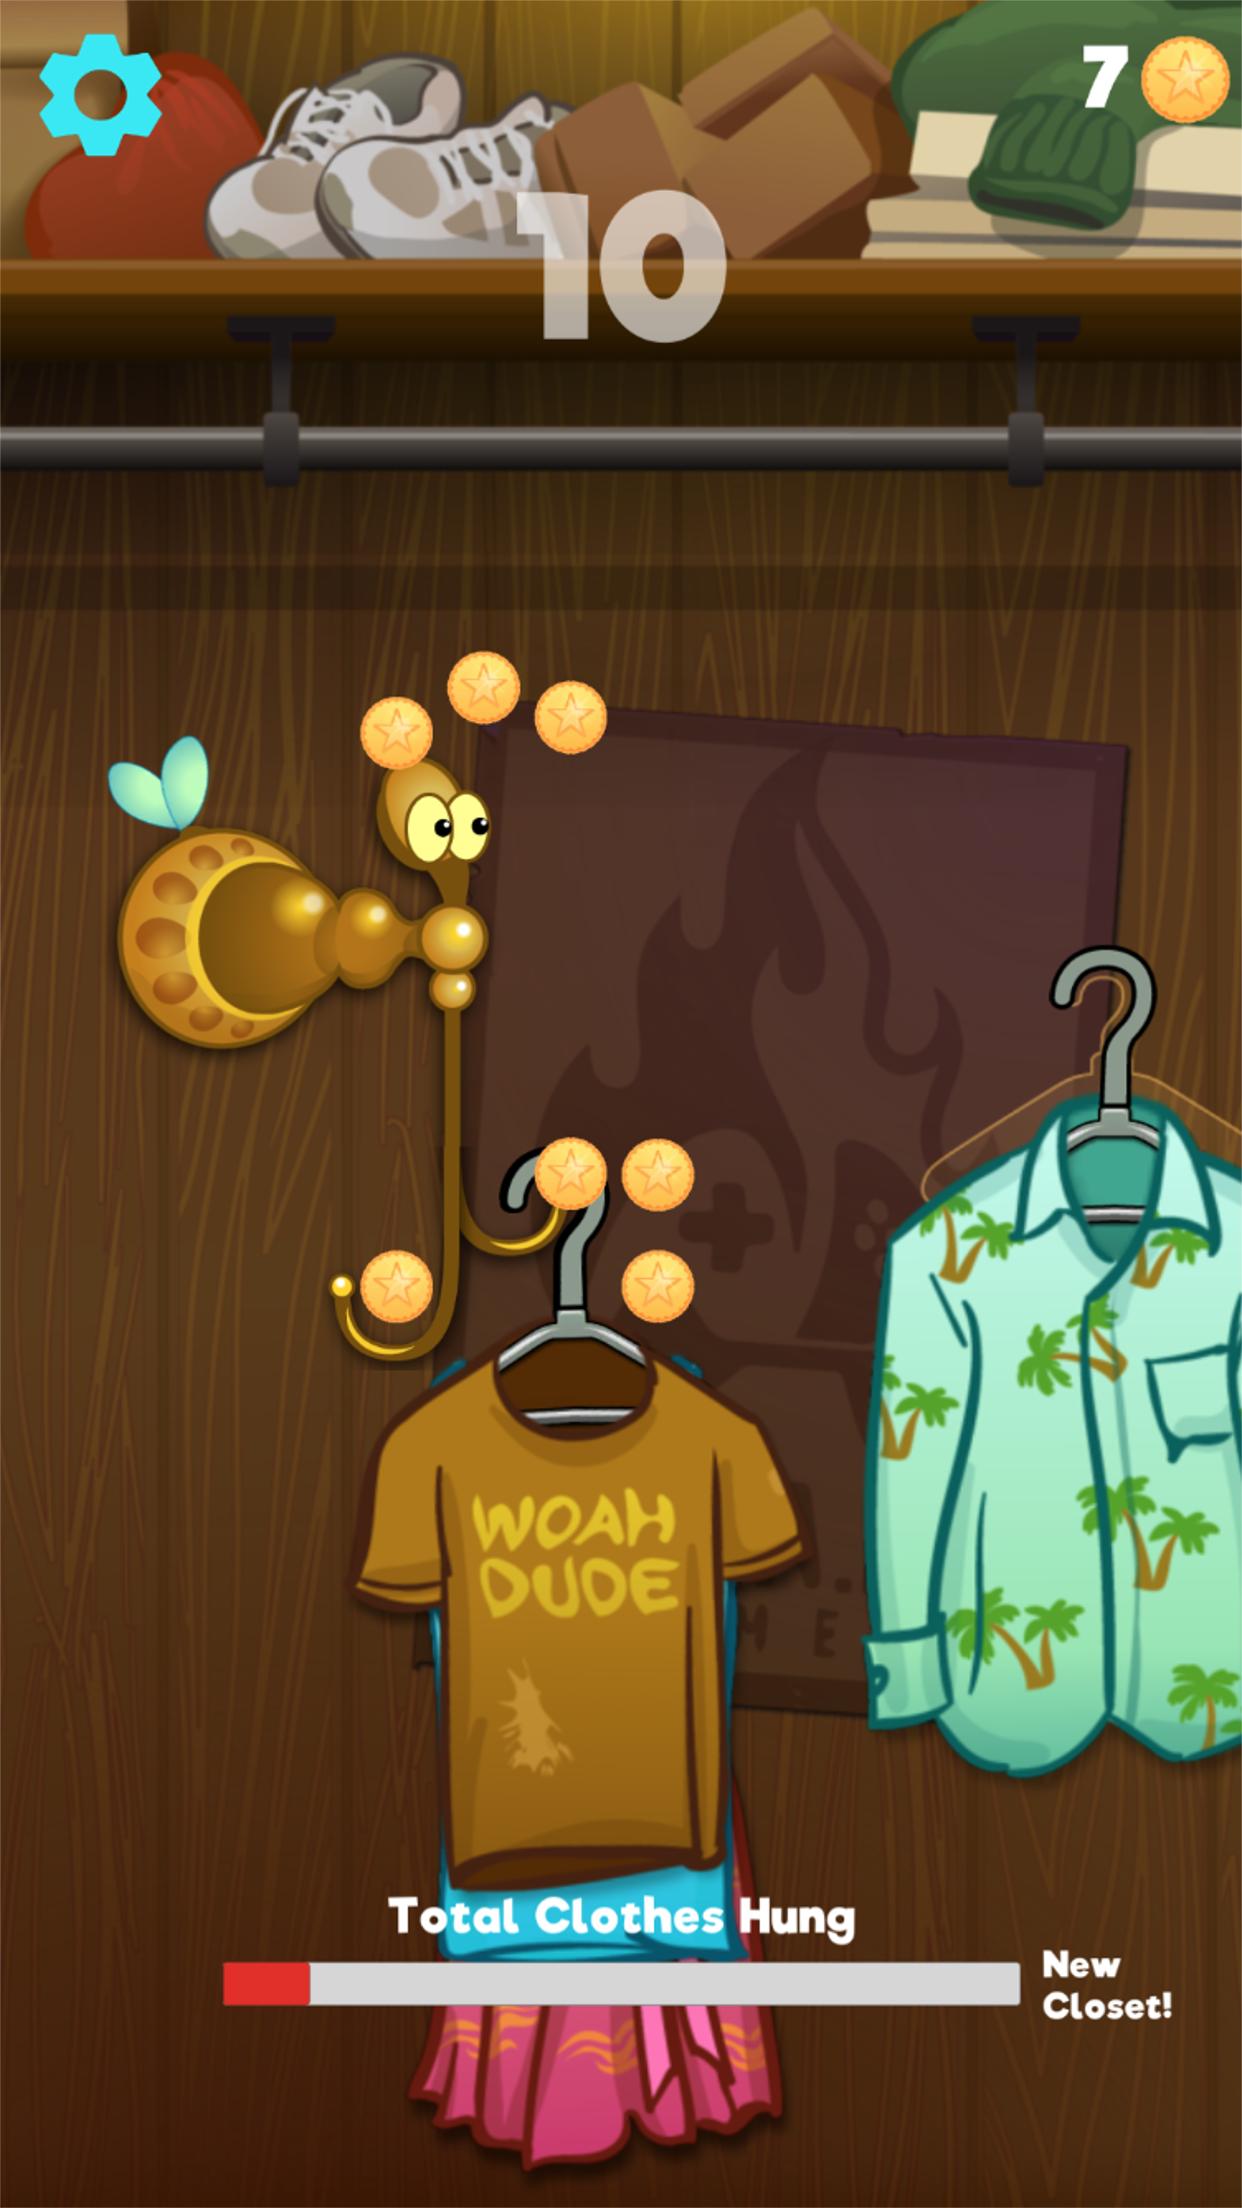 Wardrobe_Malfunction_Closet.png